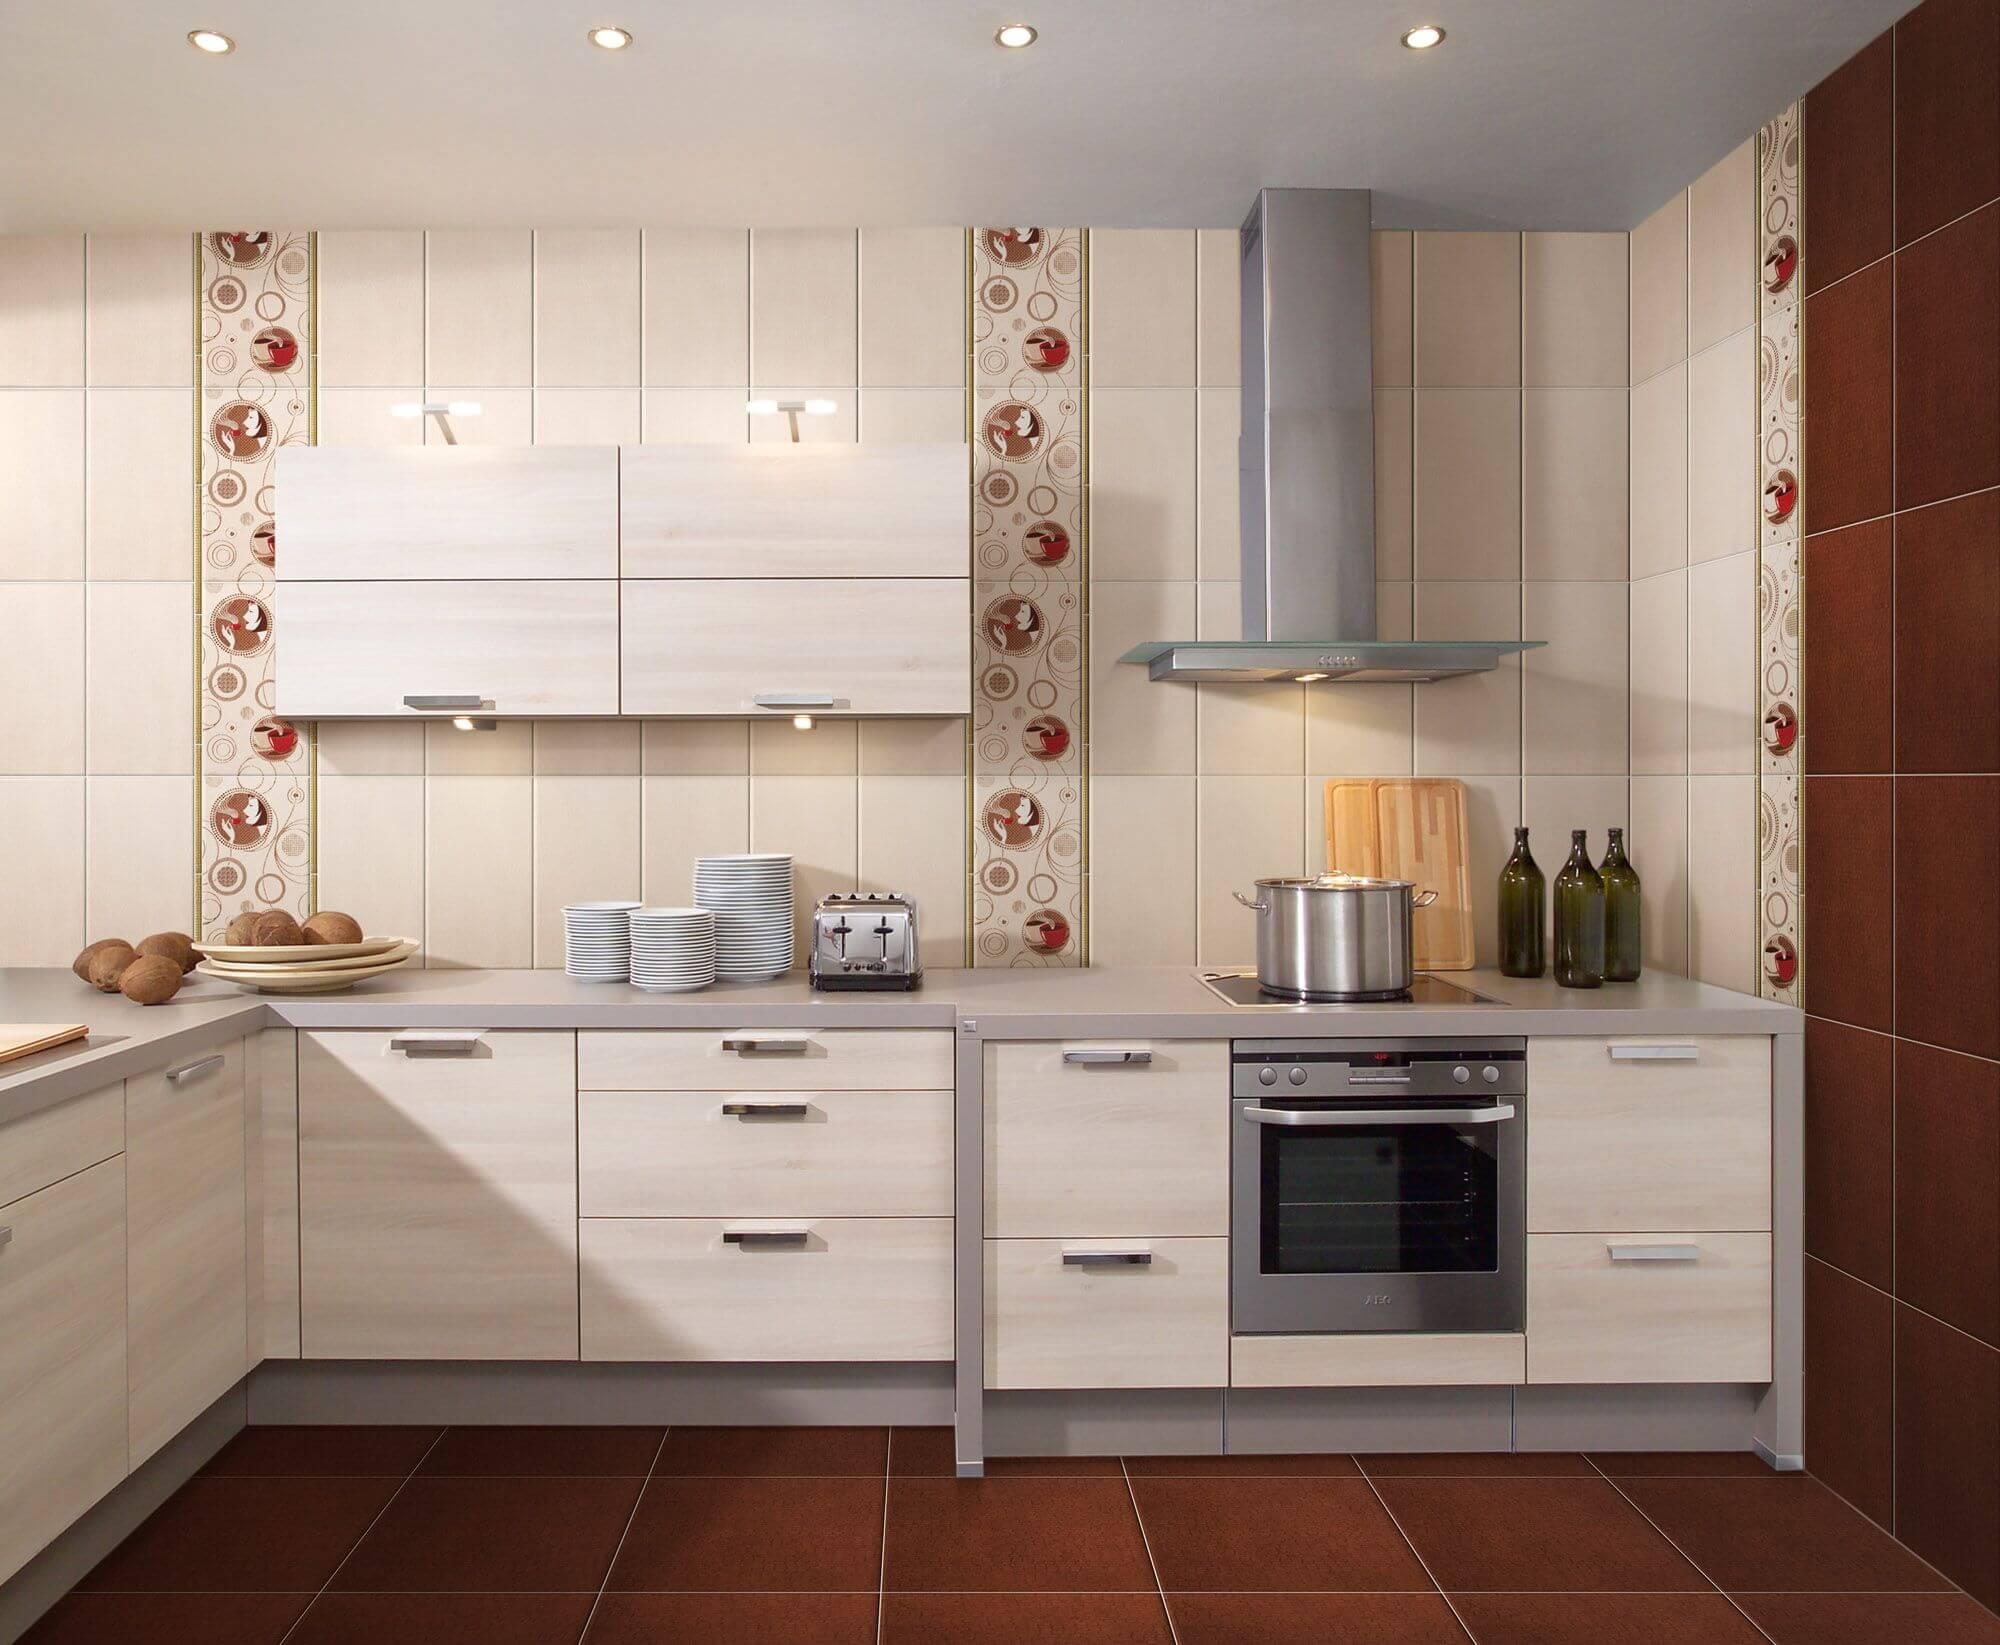 универсальный класс, пластиковые панели для стен на кухне фото этот тяжелый период